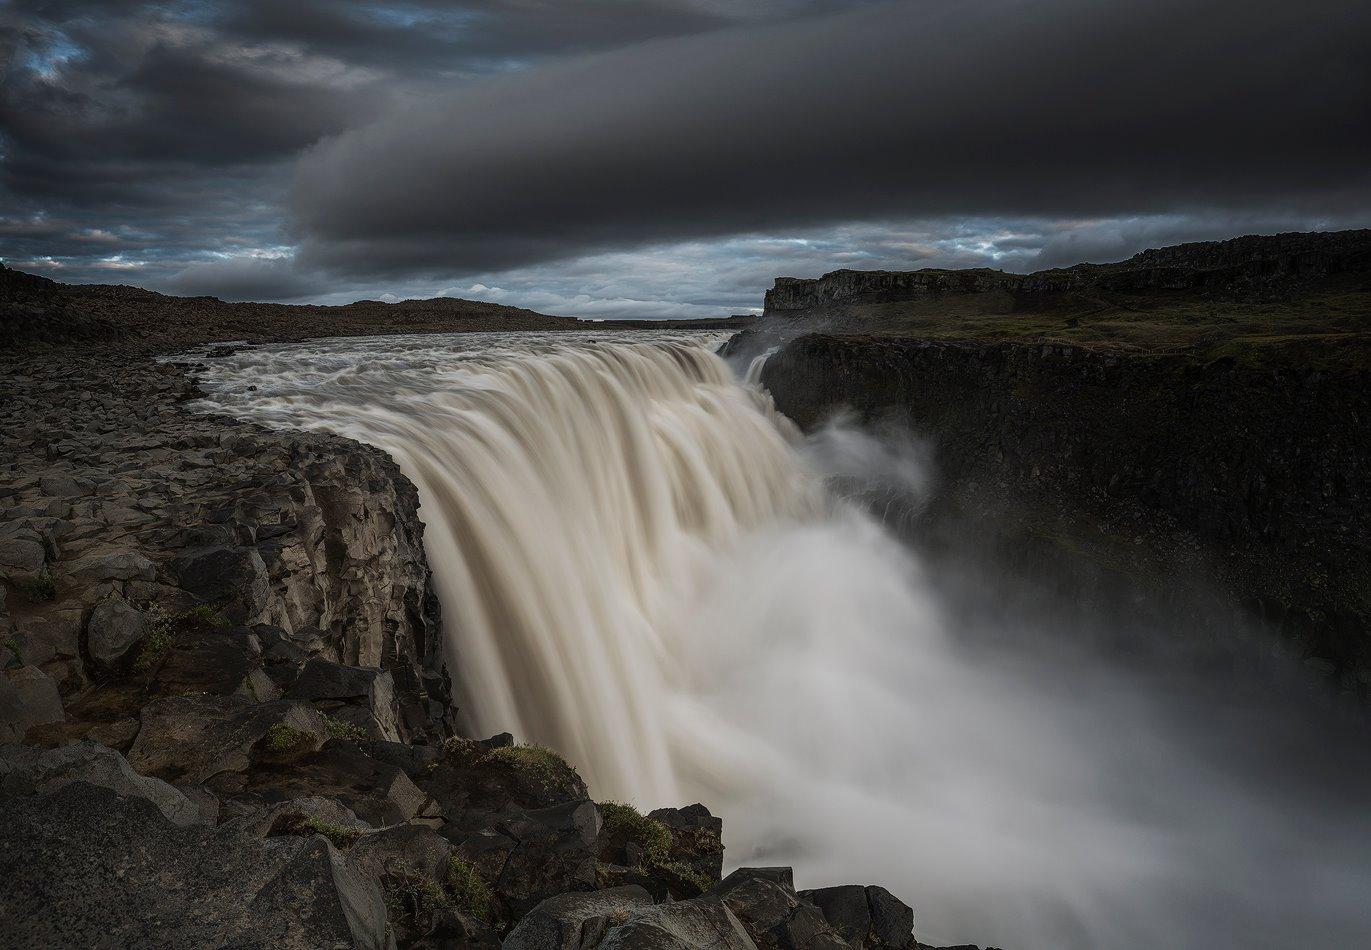 La catarata noruega, Sarpefossen, supera a Dettifoss en cuanto a caudal medio de agua, pero sólo tiene la mitad del tamaño.